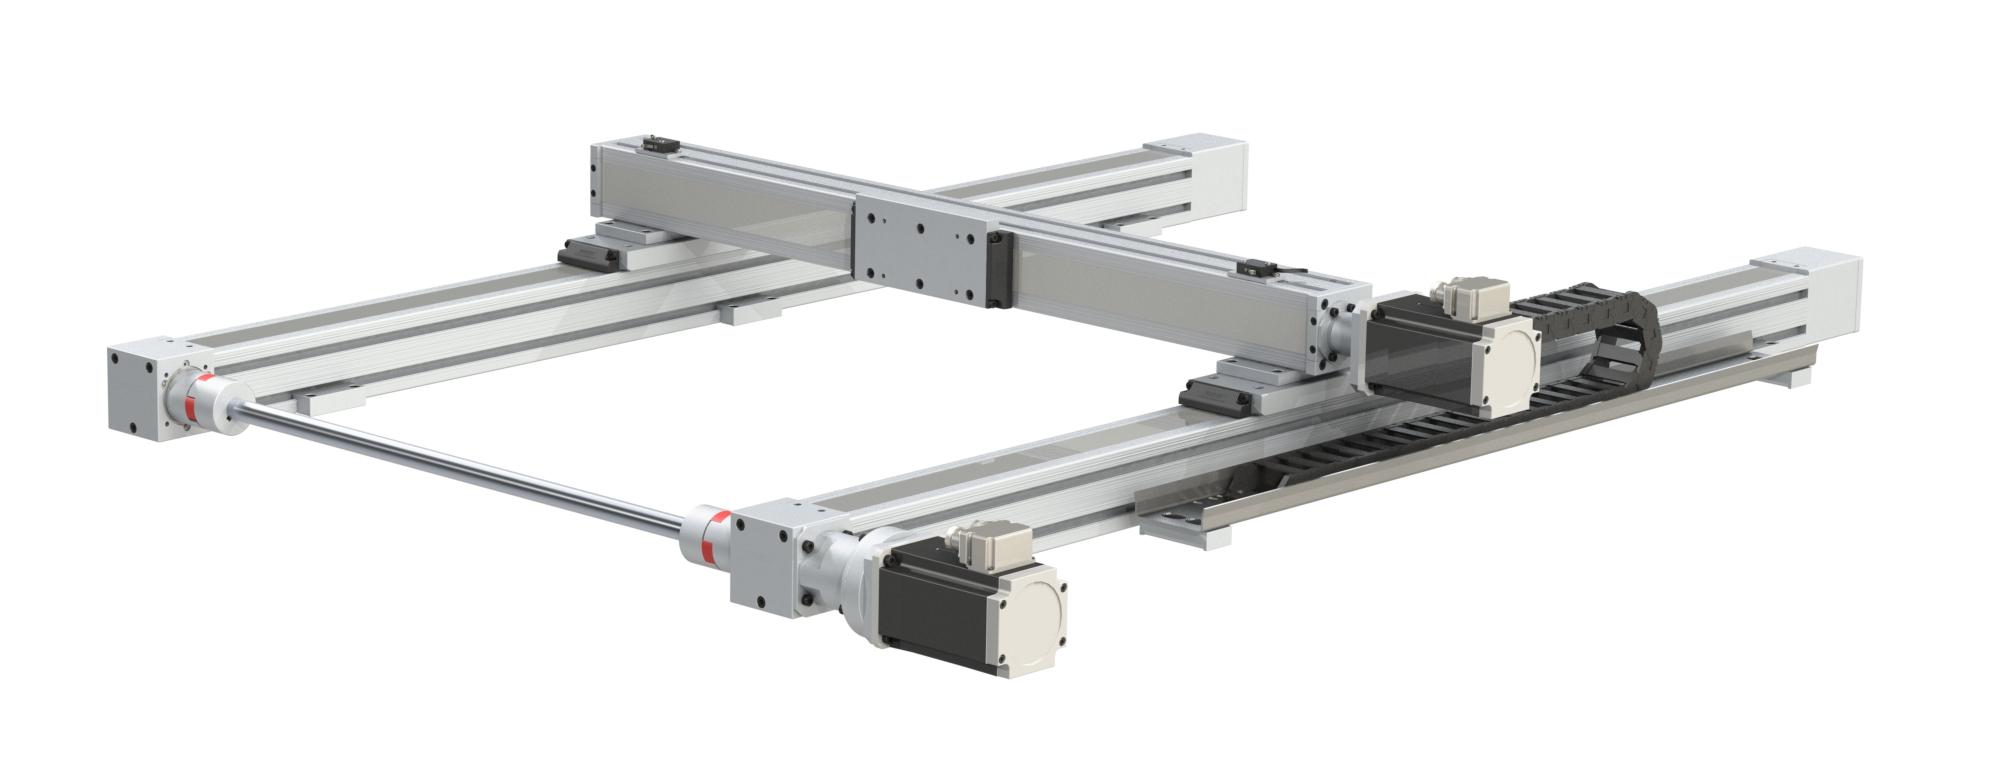 SBD - SDM XY Gantry System